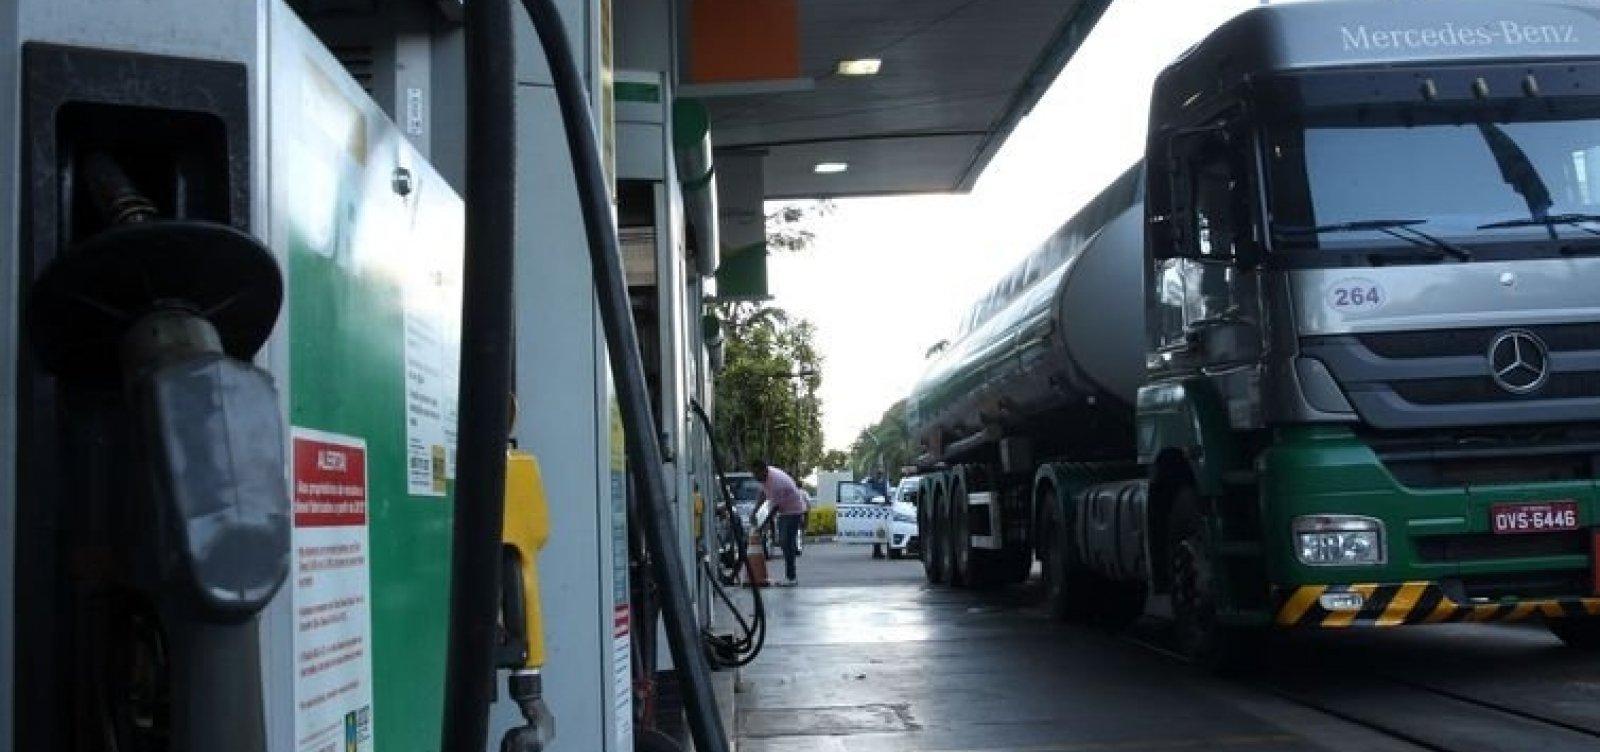 [Abastecimento de combustíveis no Nordeste está normalizado após greve, diz ANP]